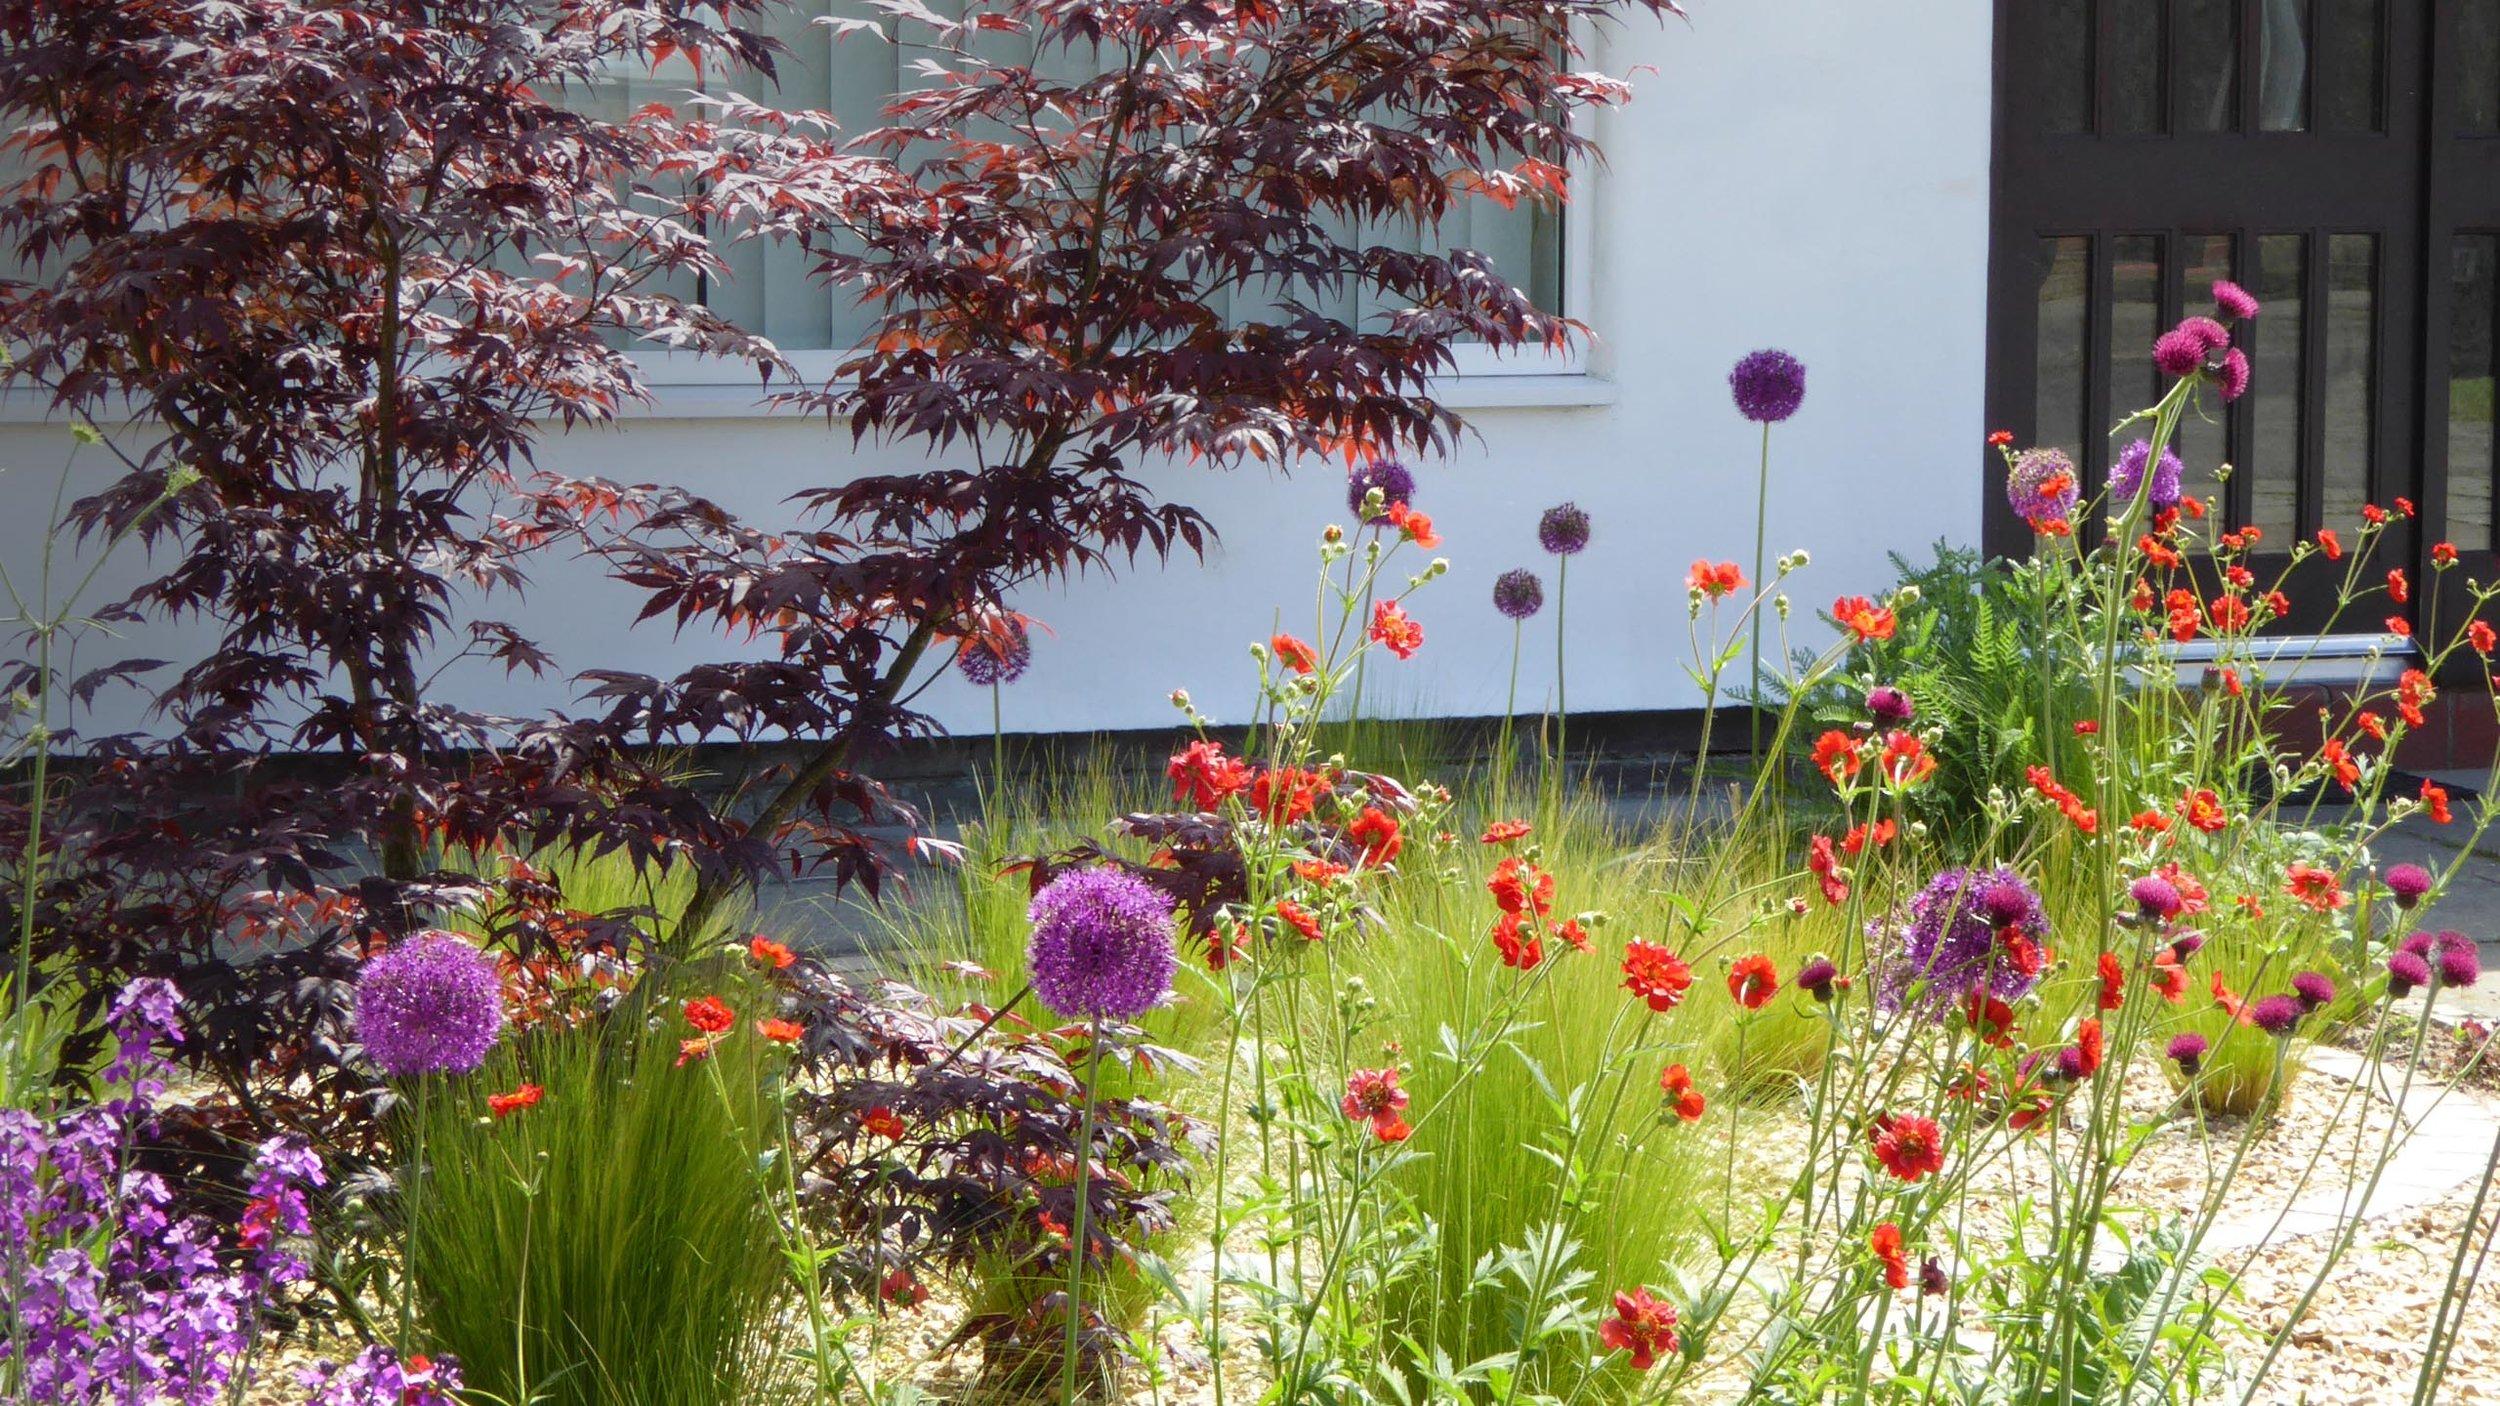 Cheshire Garden Design: Interlocking Curves and Acer (Front Garden)